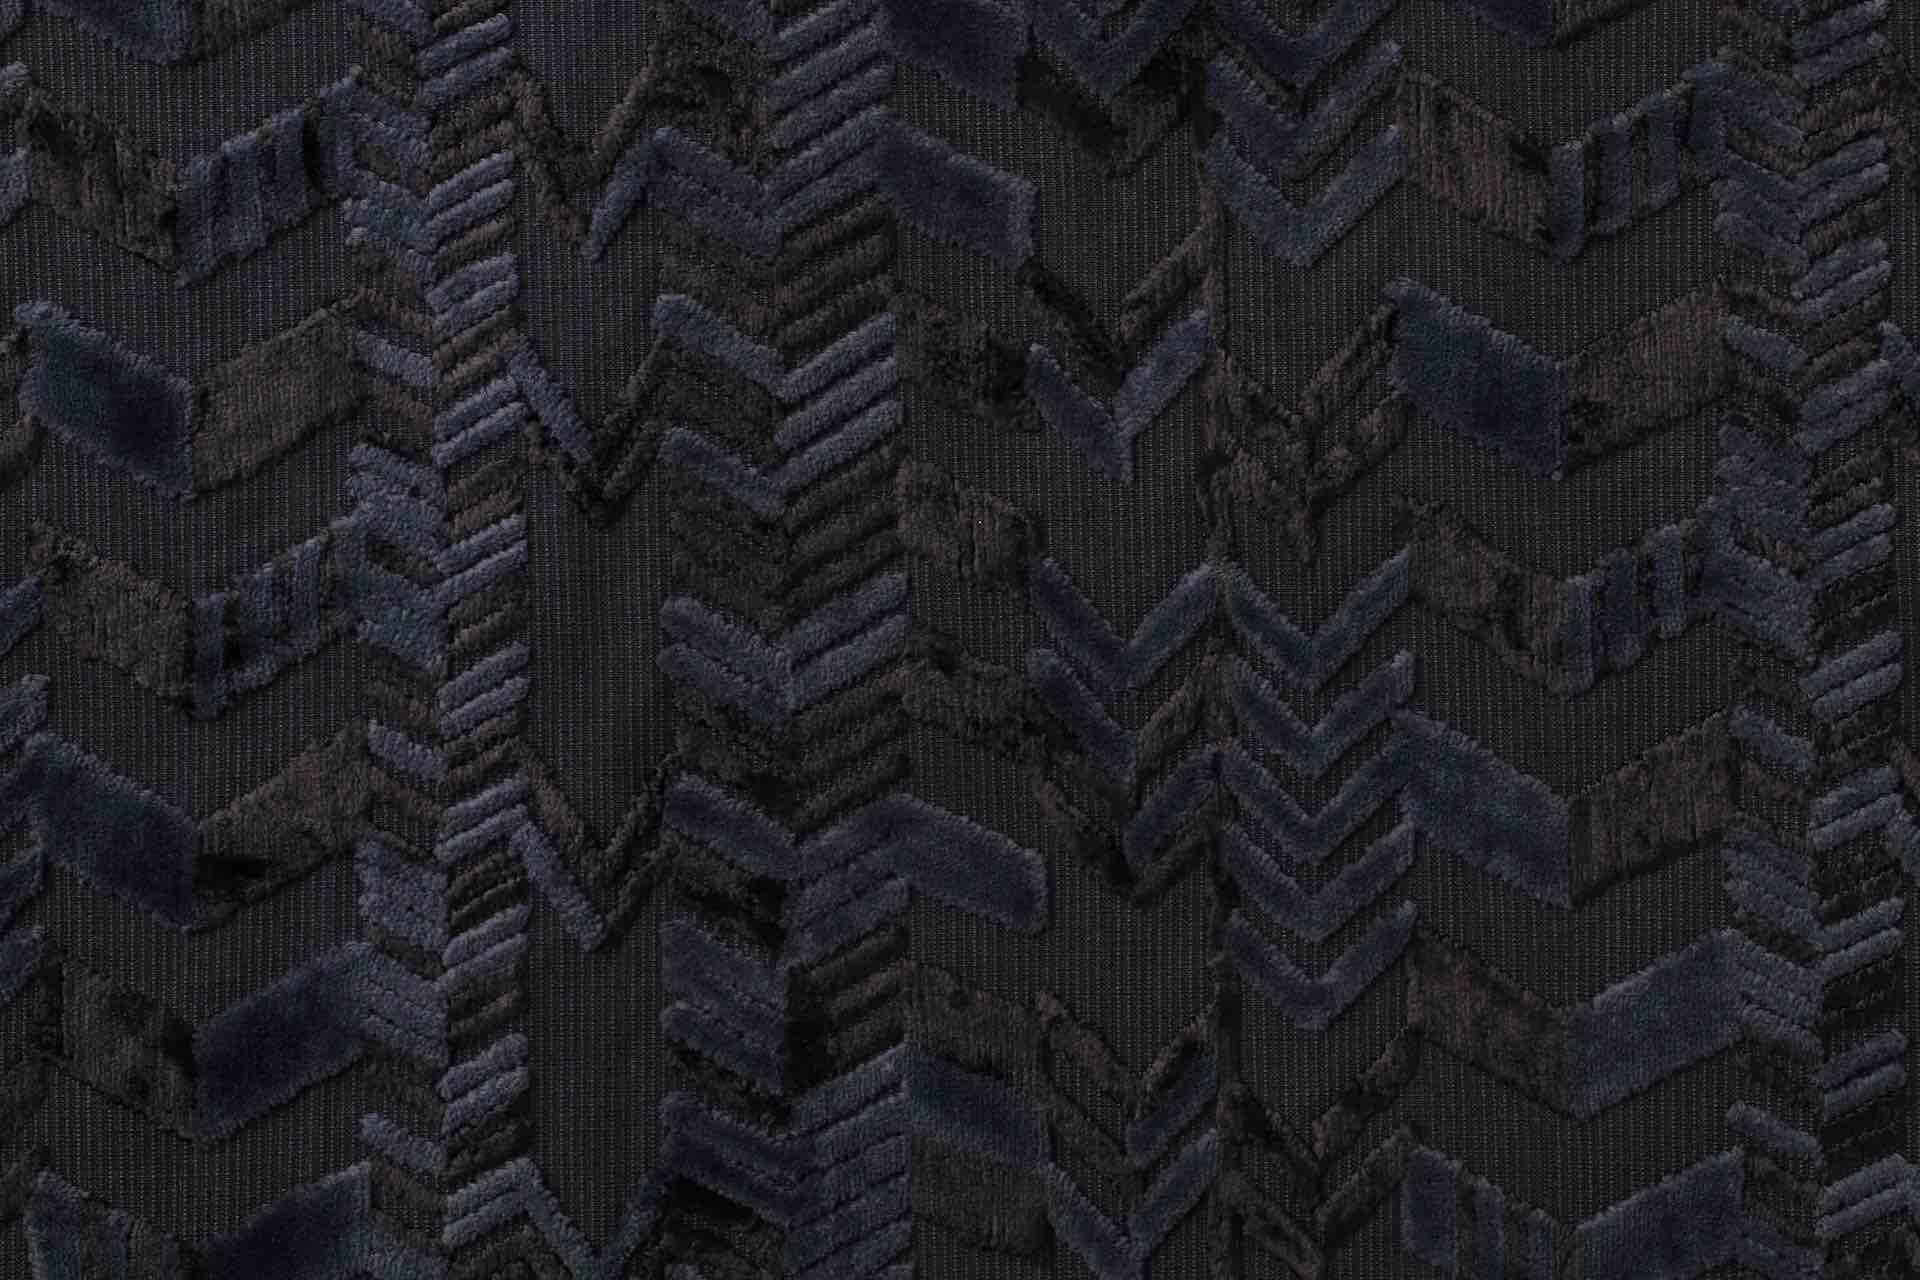 杉木立の紺色の様子。同じ染料で染めても、綿、レーヨンと素材の違う糸を2種類使っているため染まり方も異なり、柄に奥行きが生まれます